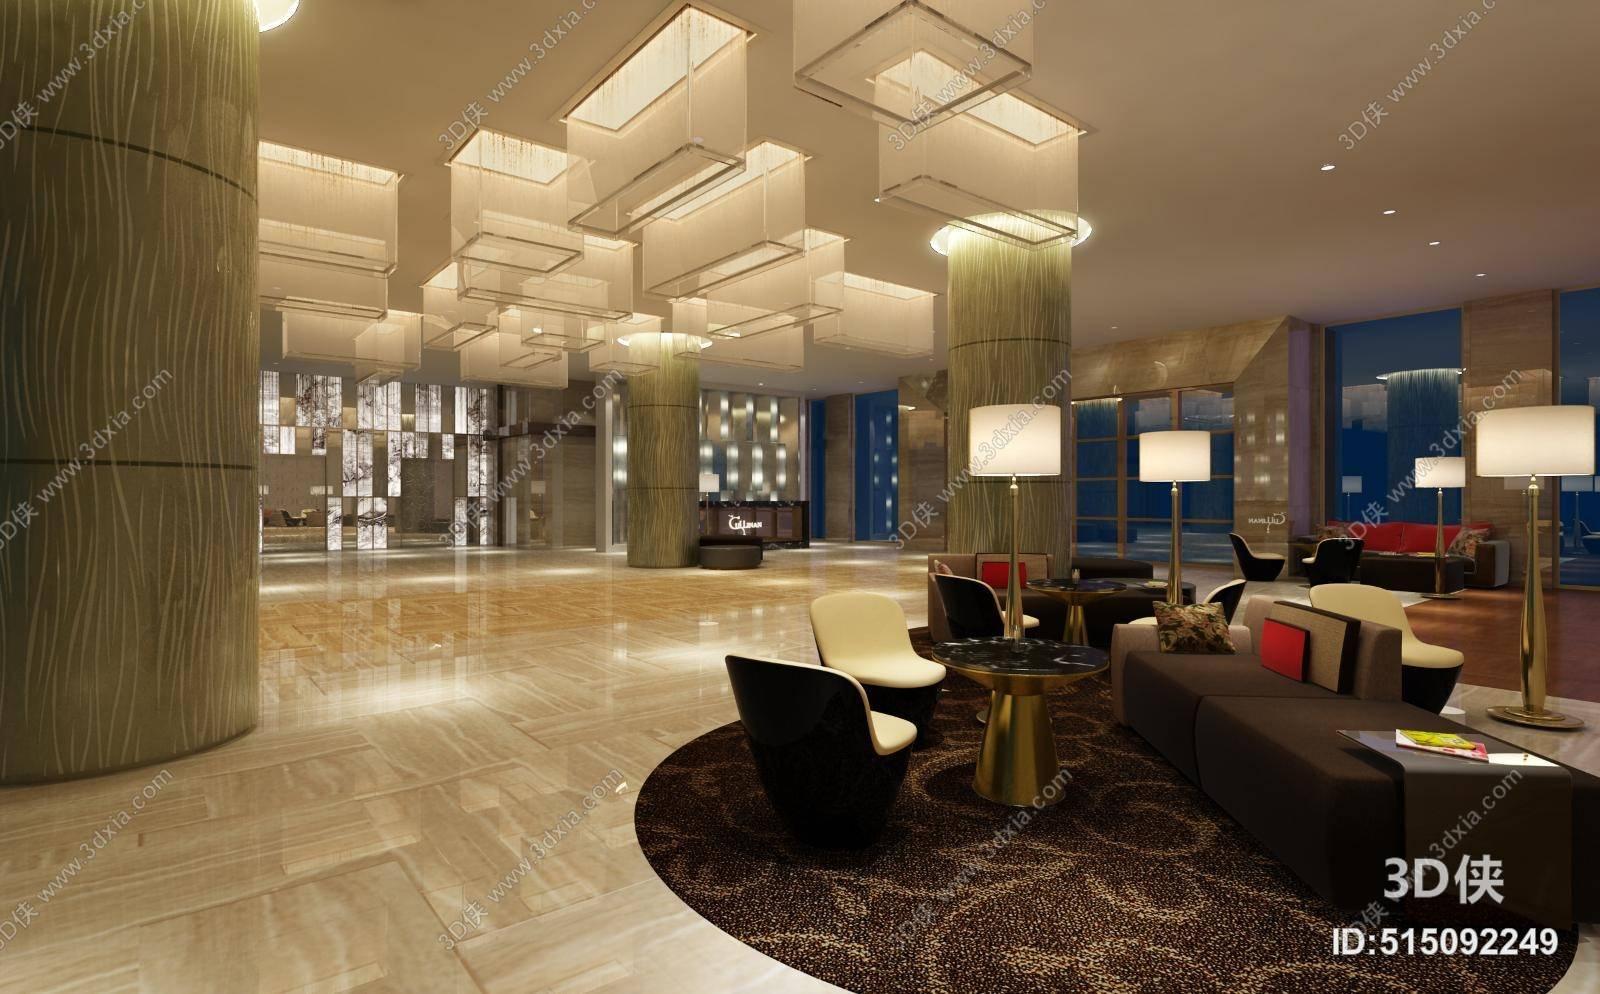 2007,建议使用3dmax 2012 软件打开,该现代酒店休息区图片素材大小是